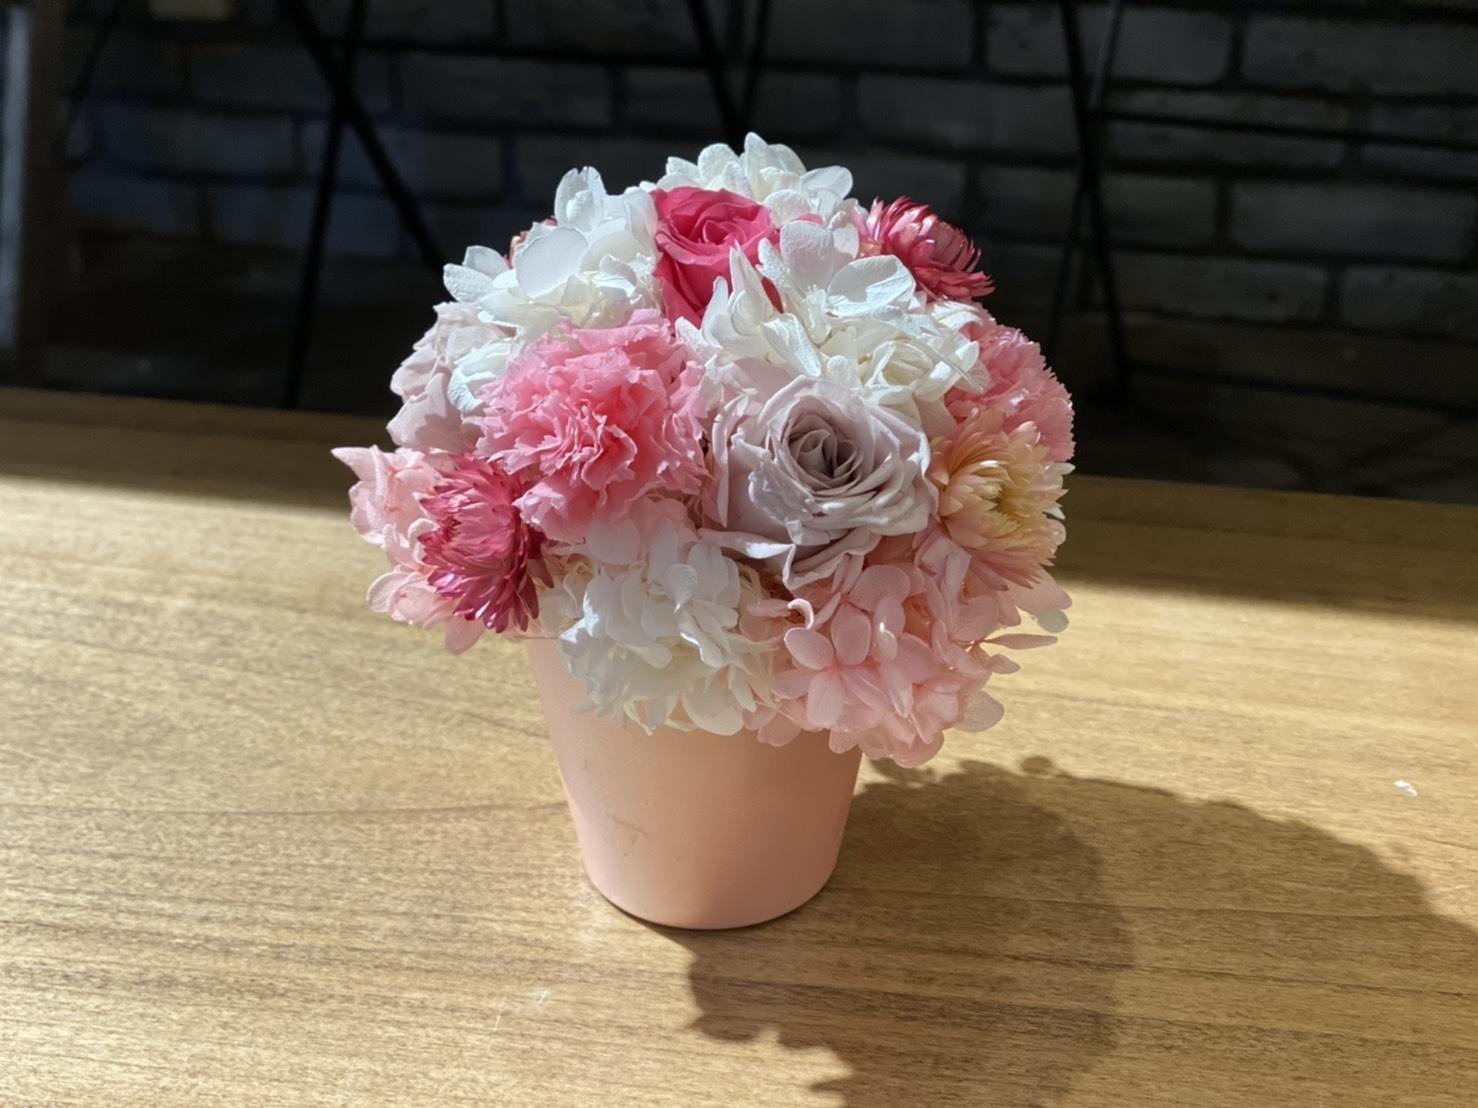 【母の日ギフト】プリザーブドフラワーアレンジメント ピンク Sサイズ